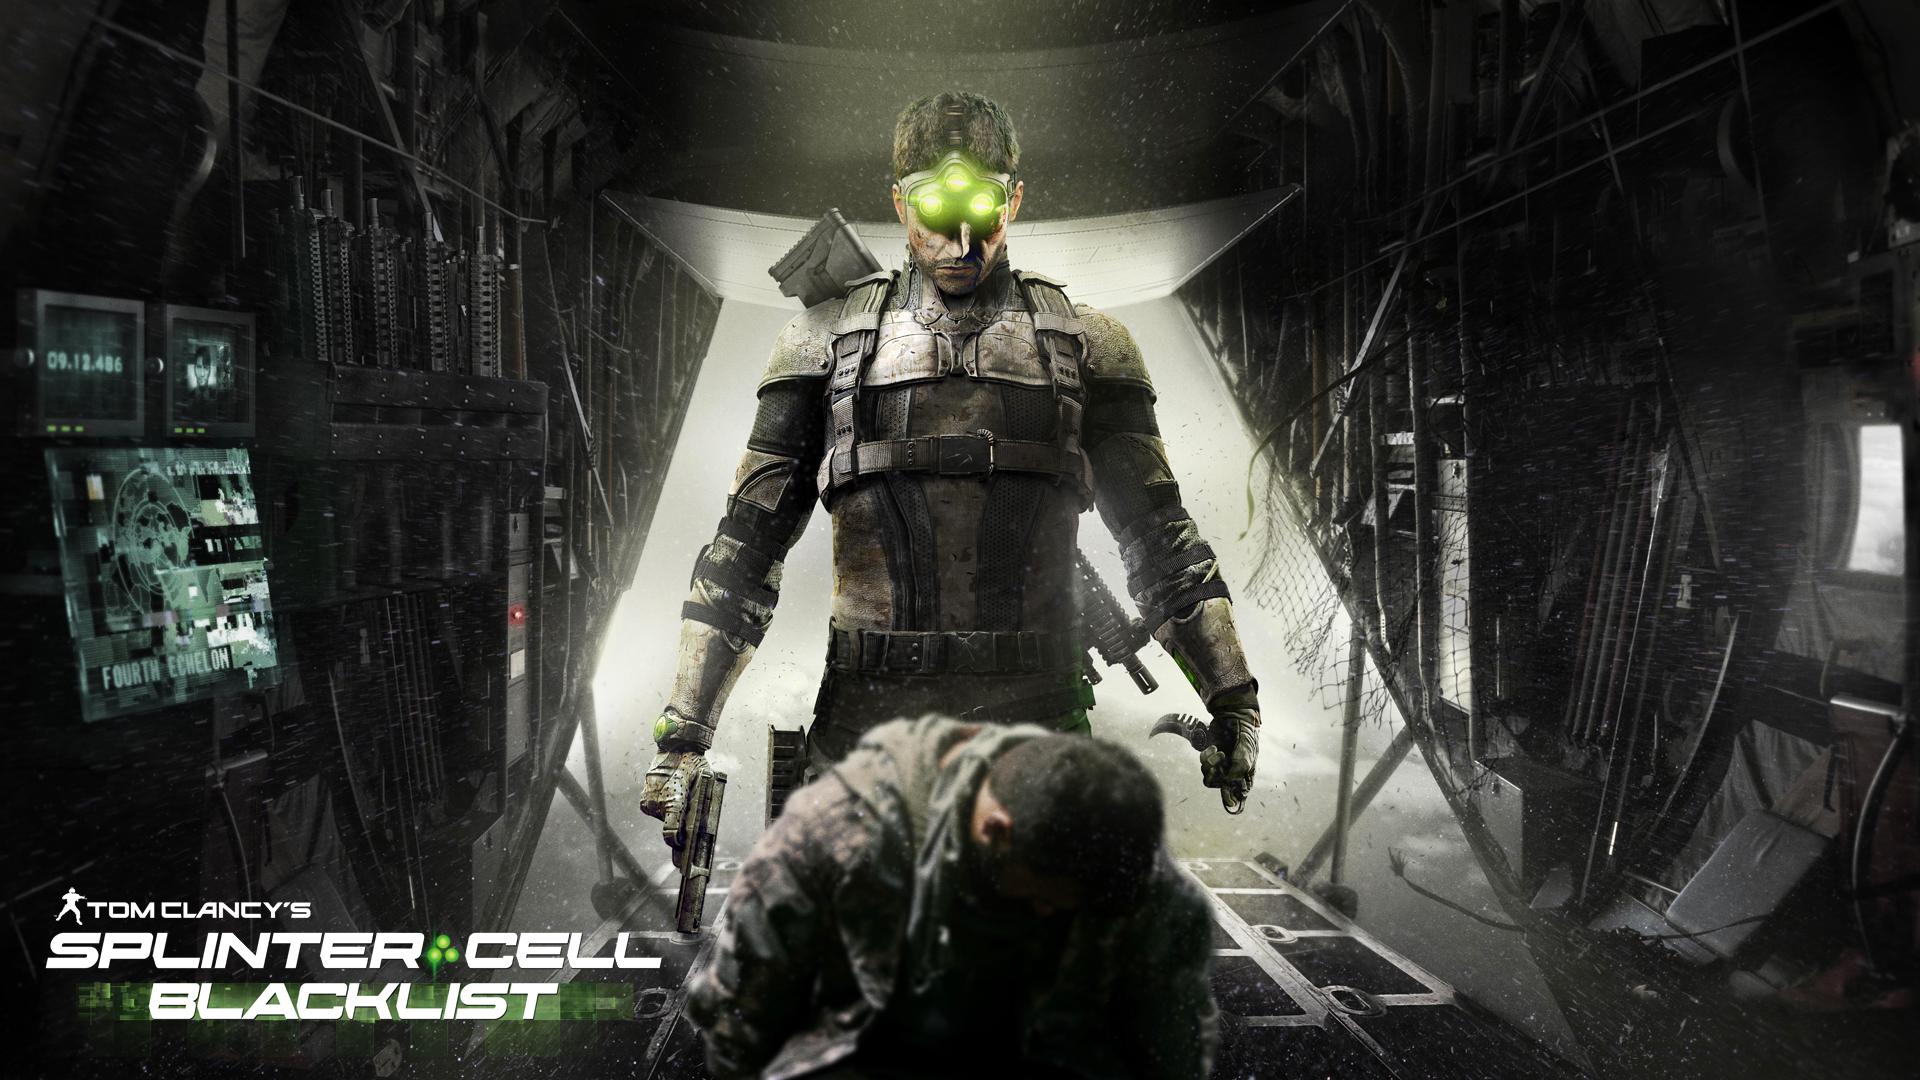 Splinter Cell Blacklist [info]   Taringa 1920x1080